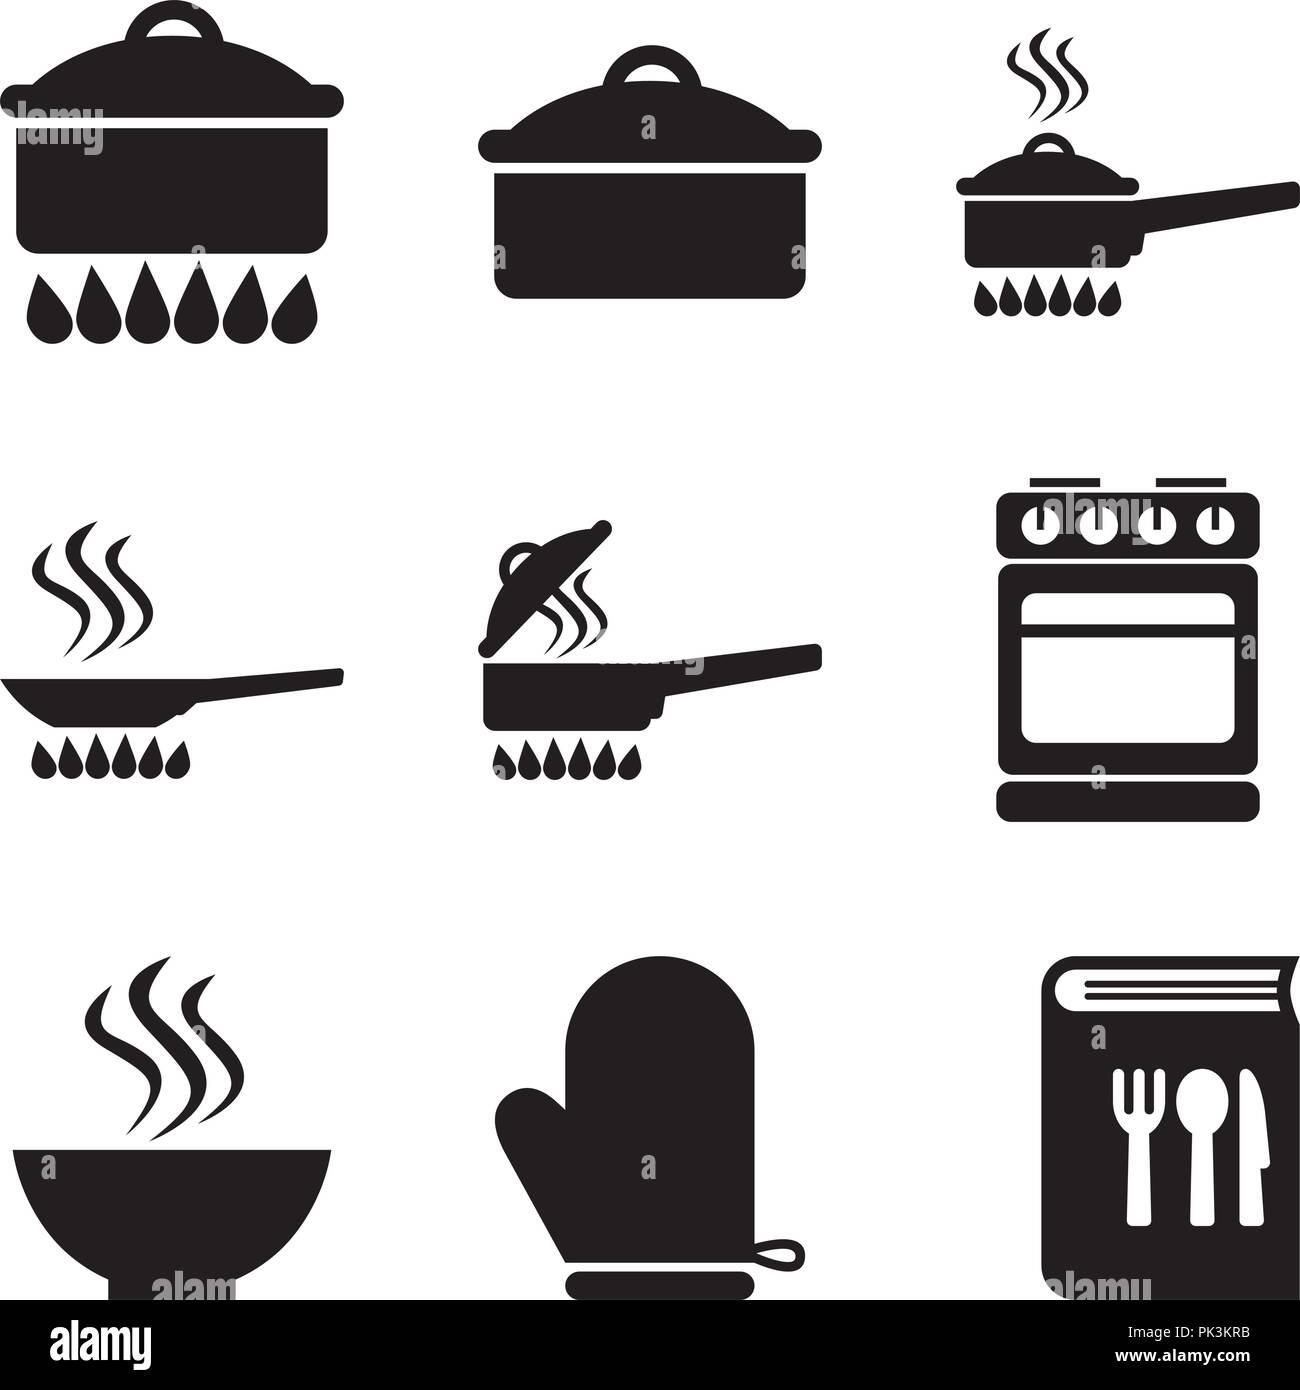 Basic Kitchen Utensils 03 - Stock Vector